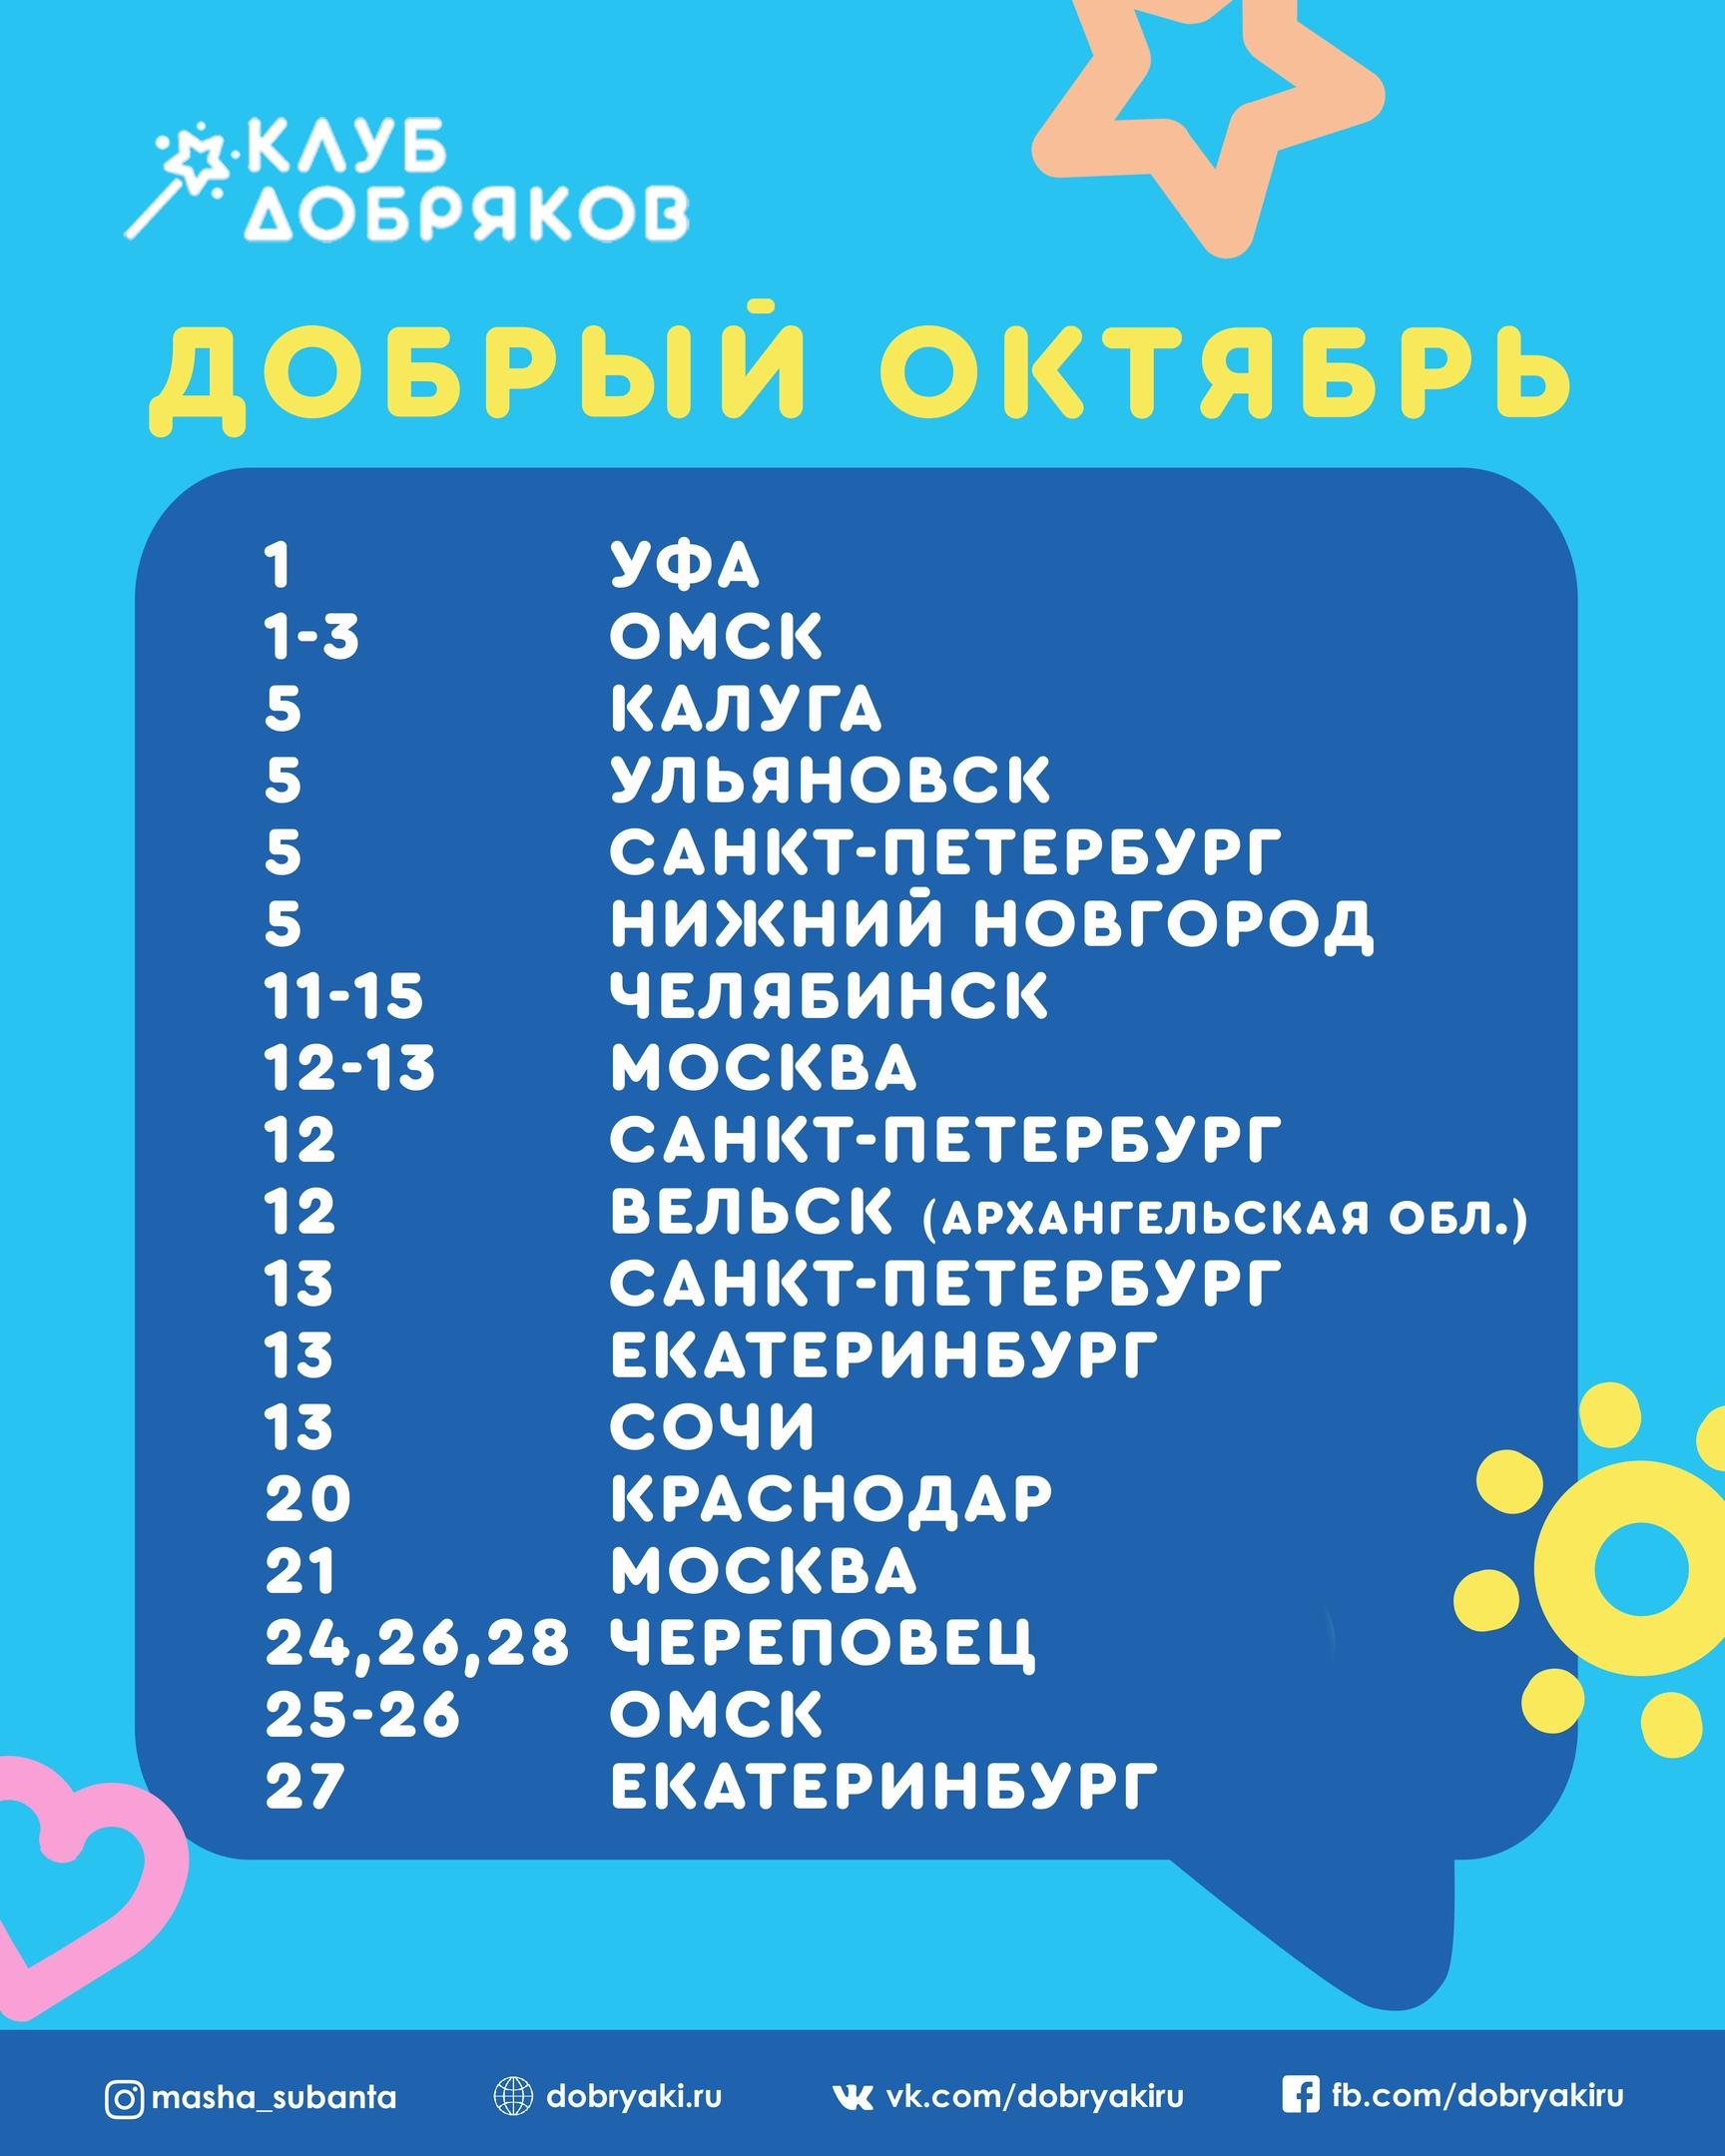 Добряковские мероприятия в октябре